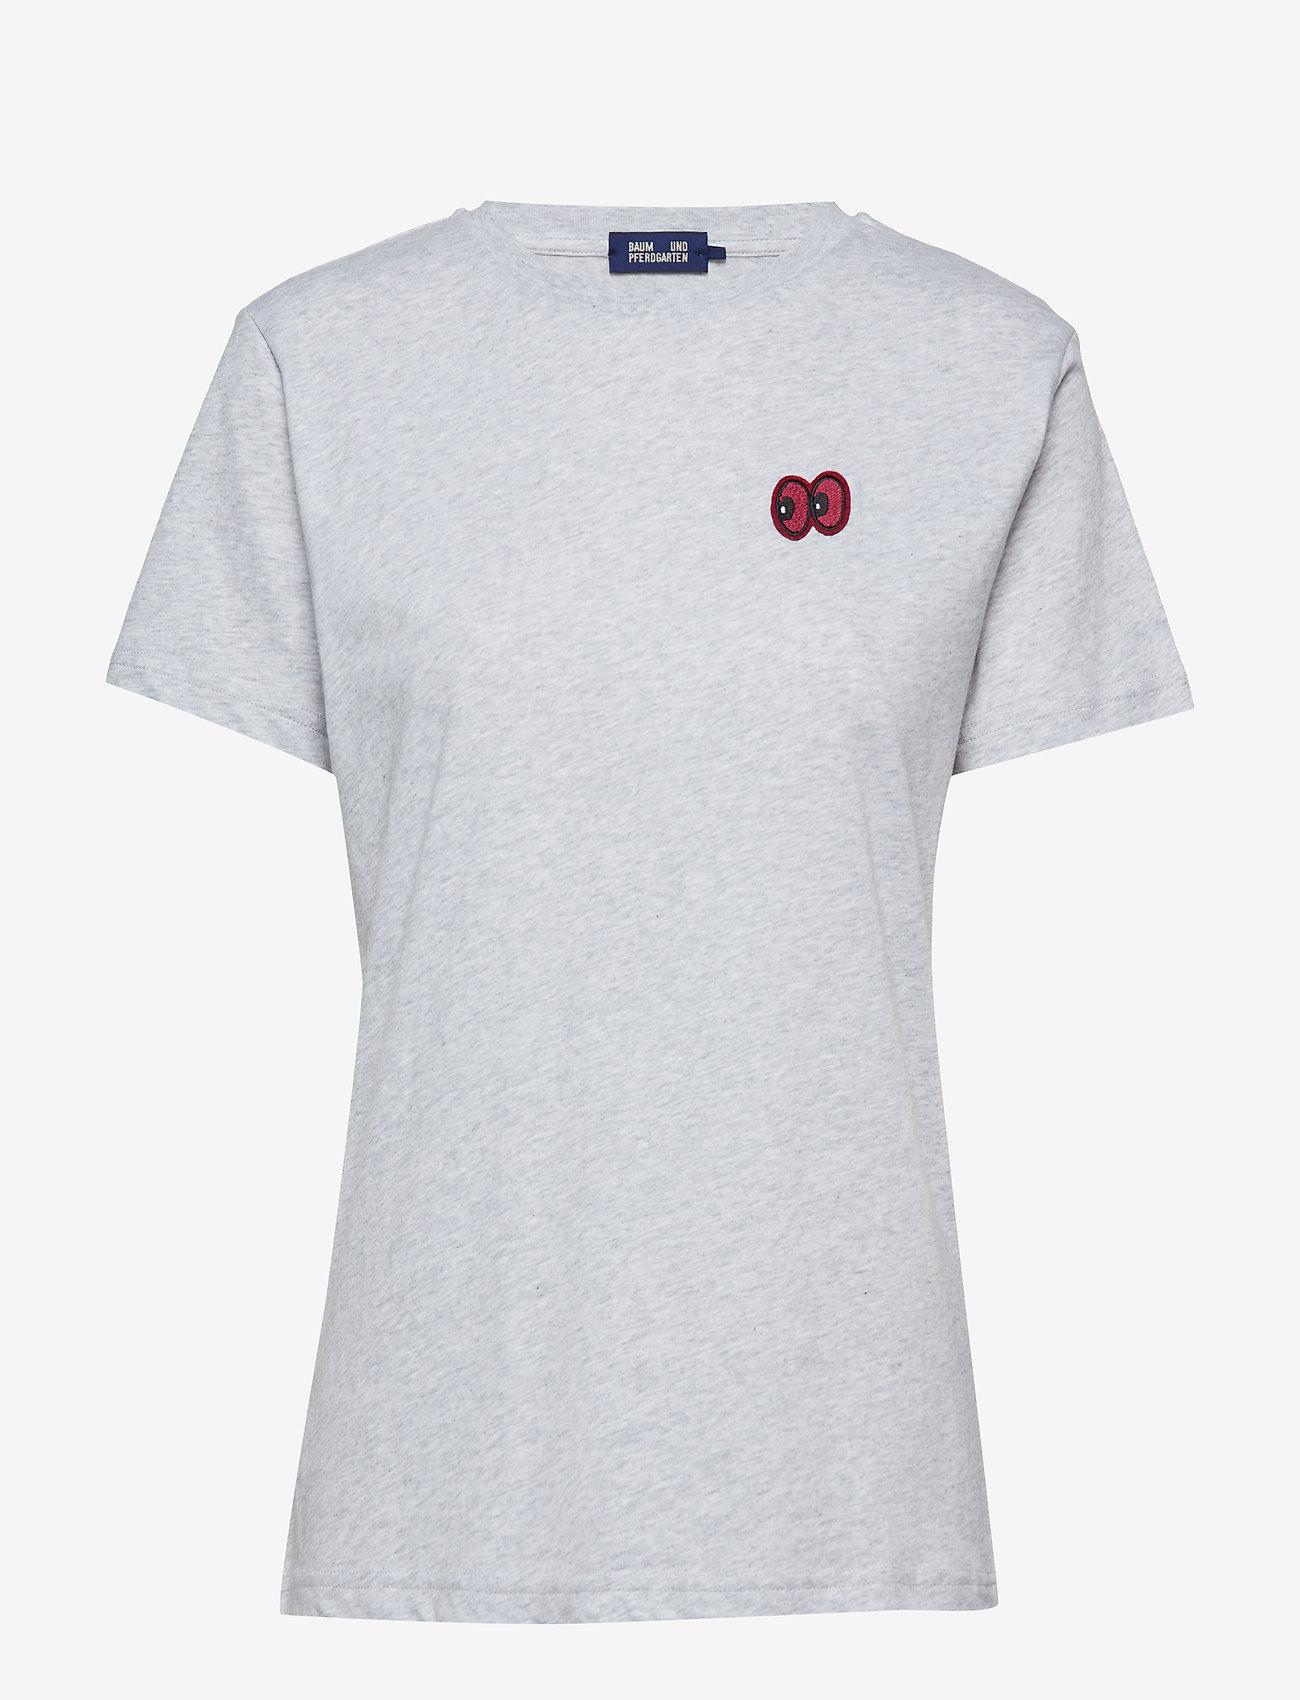 Baum und Pferdgarten - JUNA - t-shirts - grey melange - 0